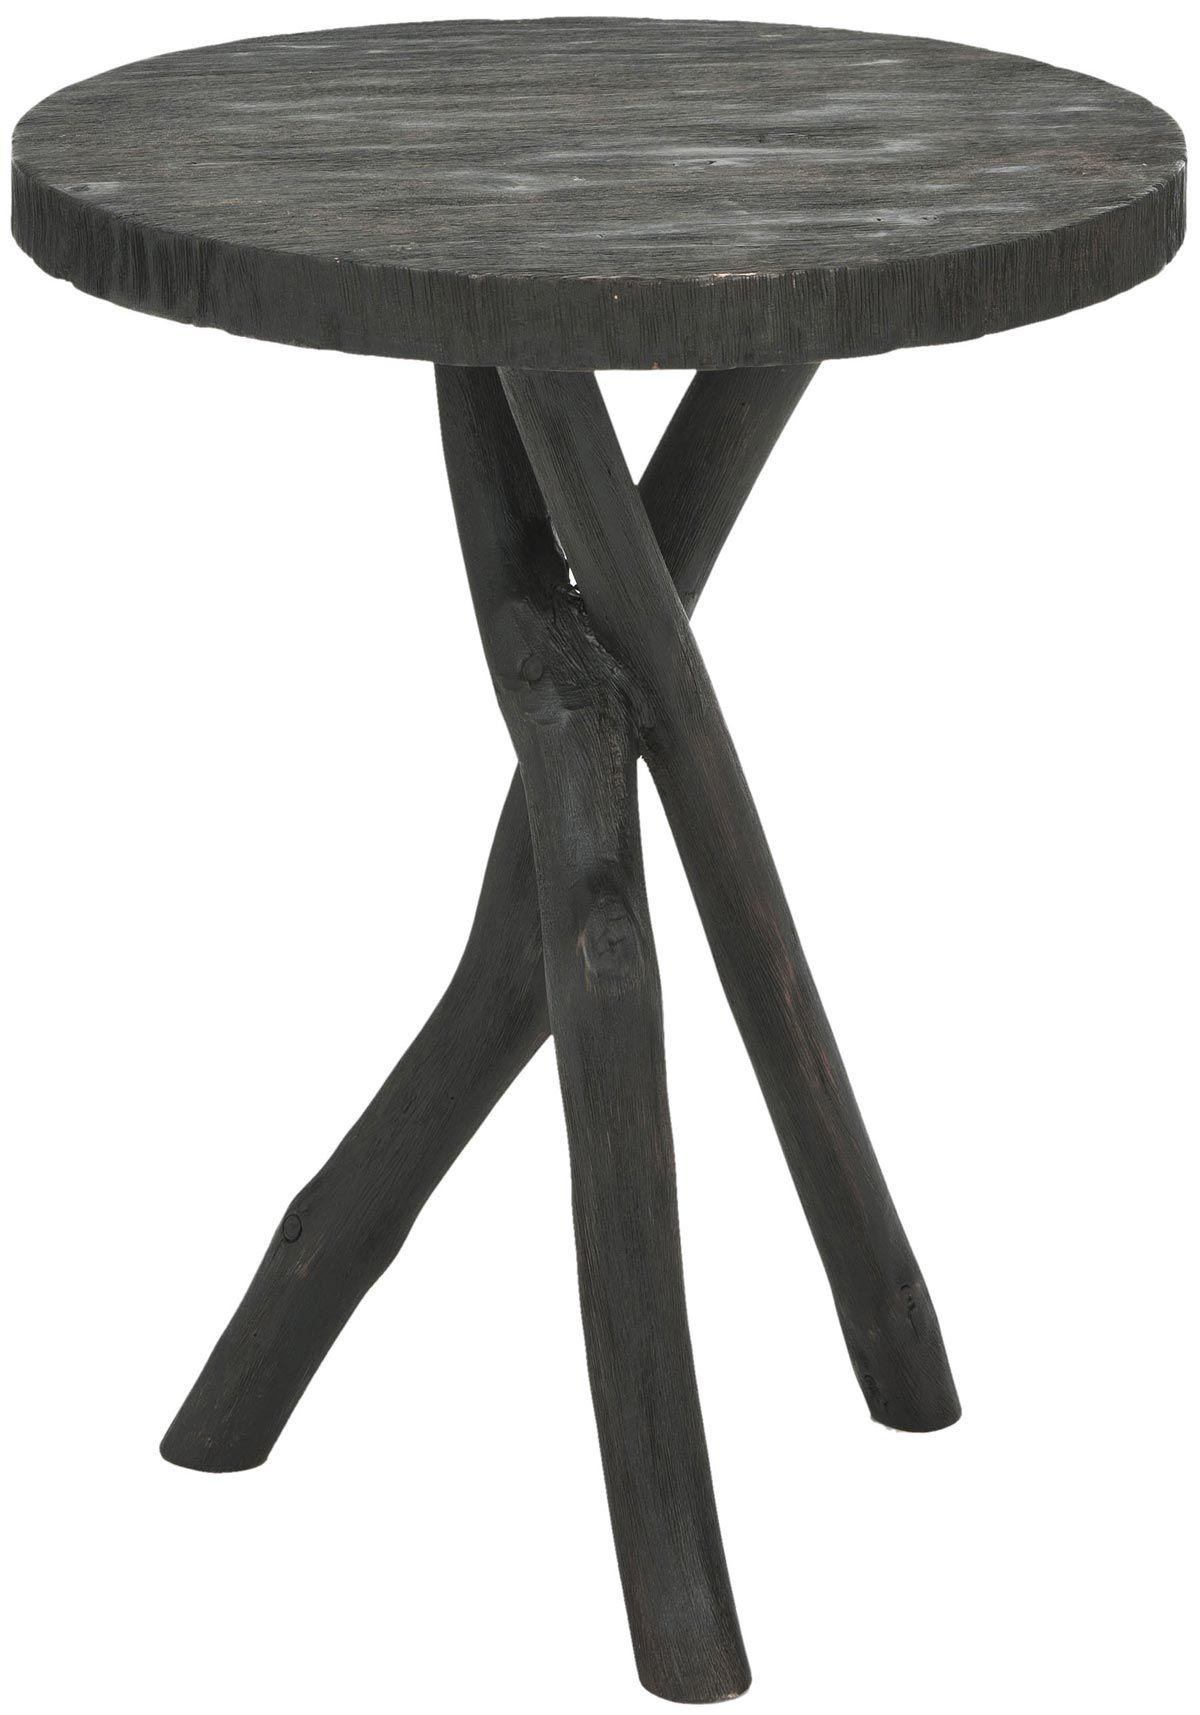 Quinn round end table